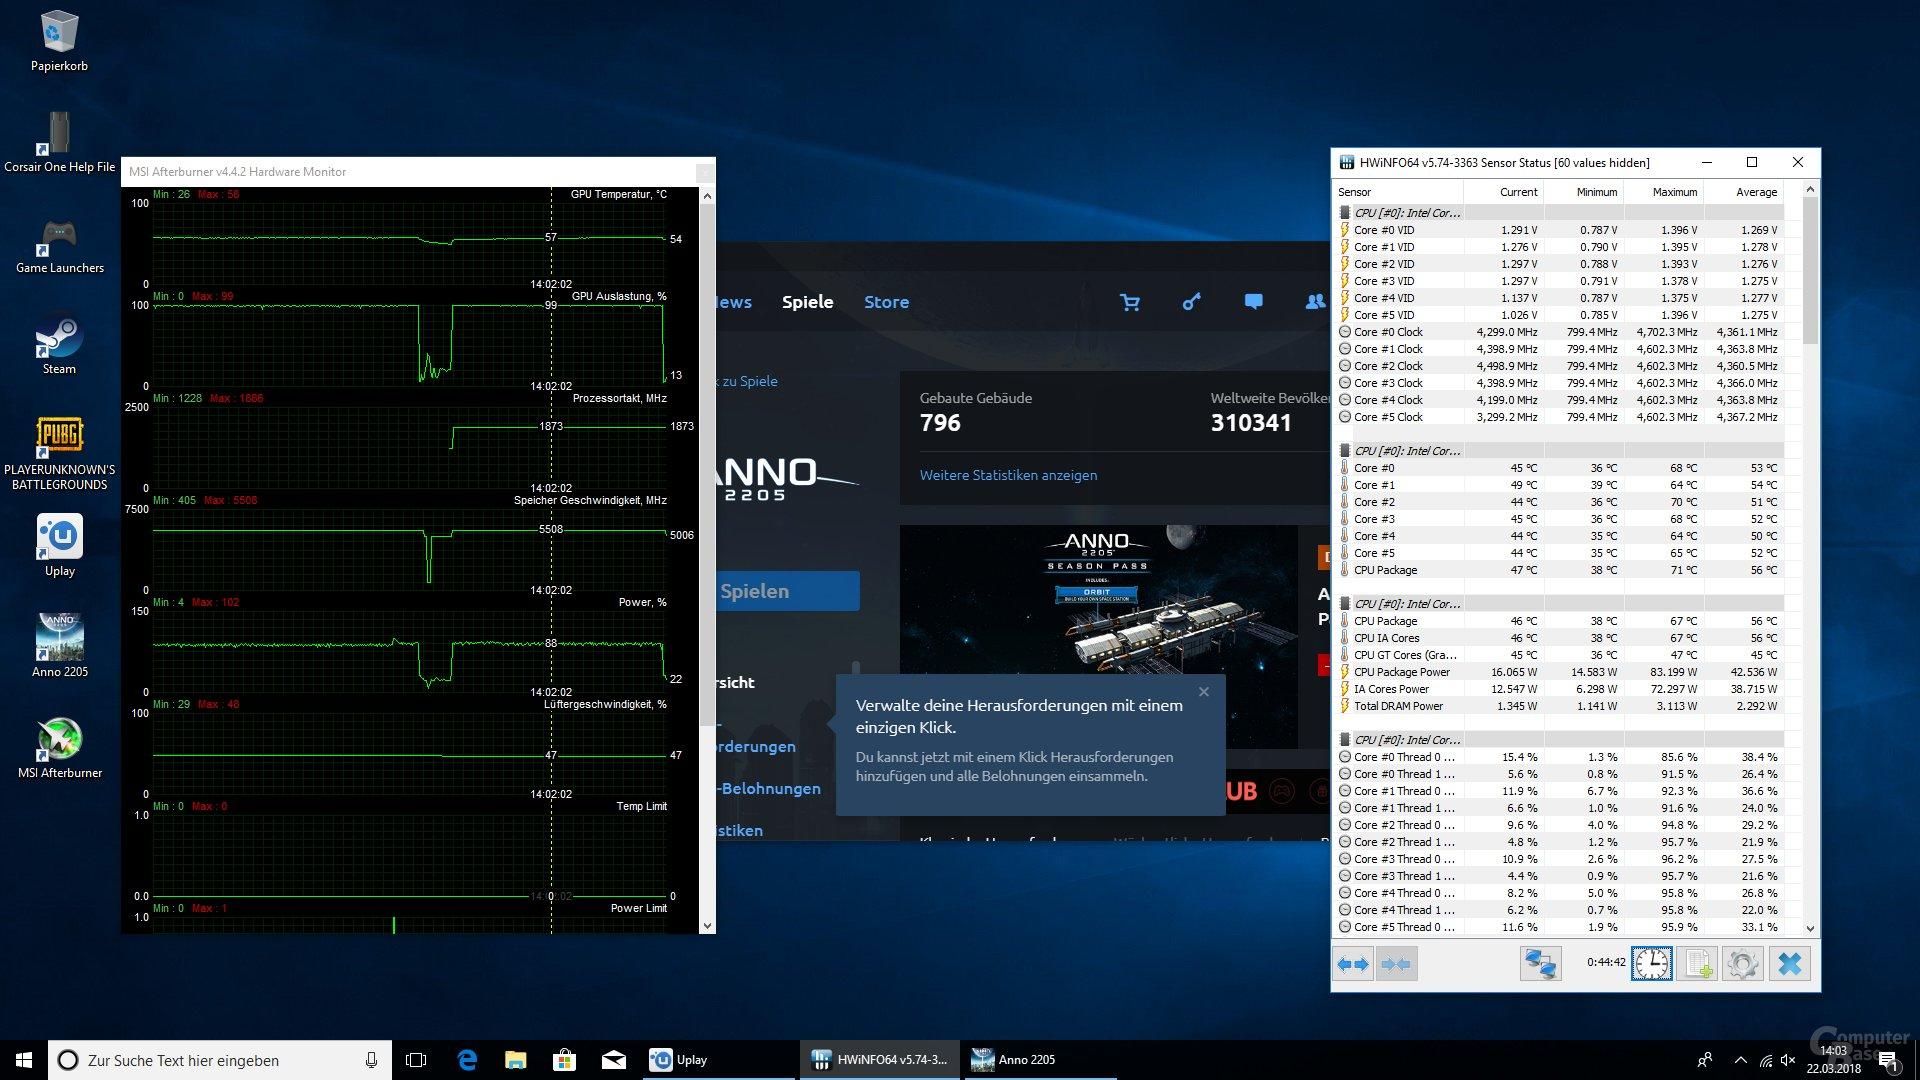 Spiele lasten die CPU nicht so stark aus, hier werden höhere Taktraten möglich